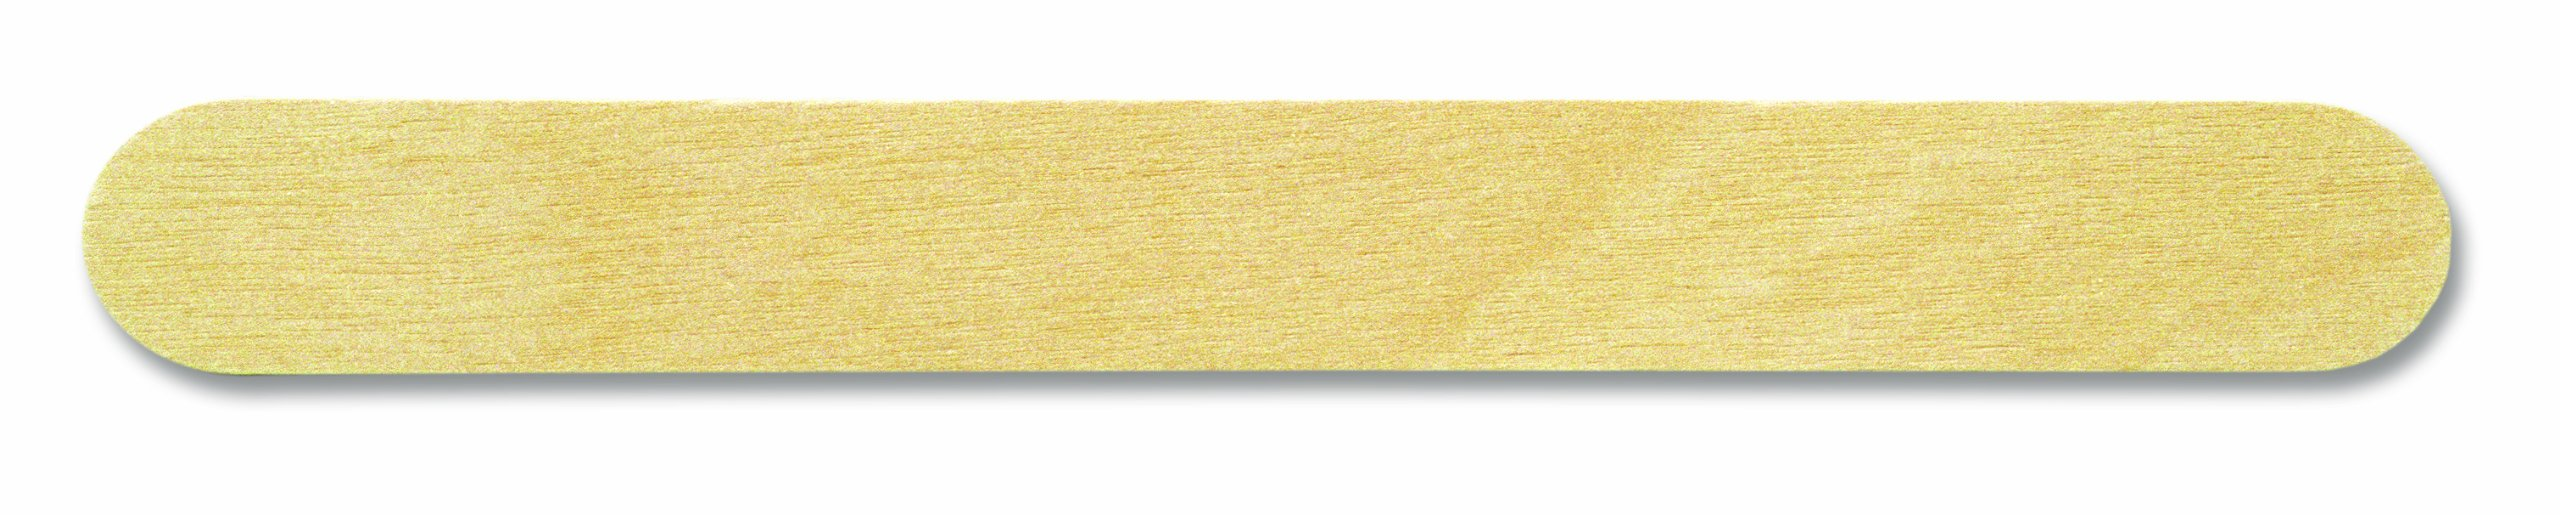 Puritan 706 Standard Tongue Depressor, Non-Sterile, 6 x 11/16'' (Case of 1200)